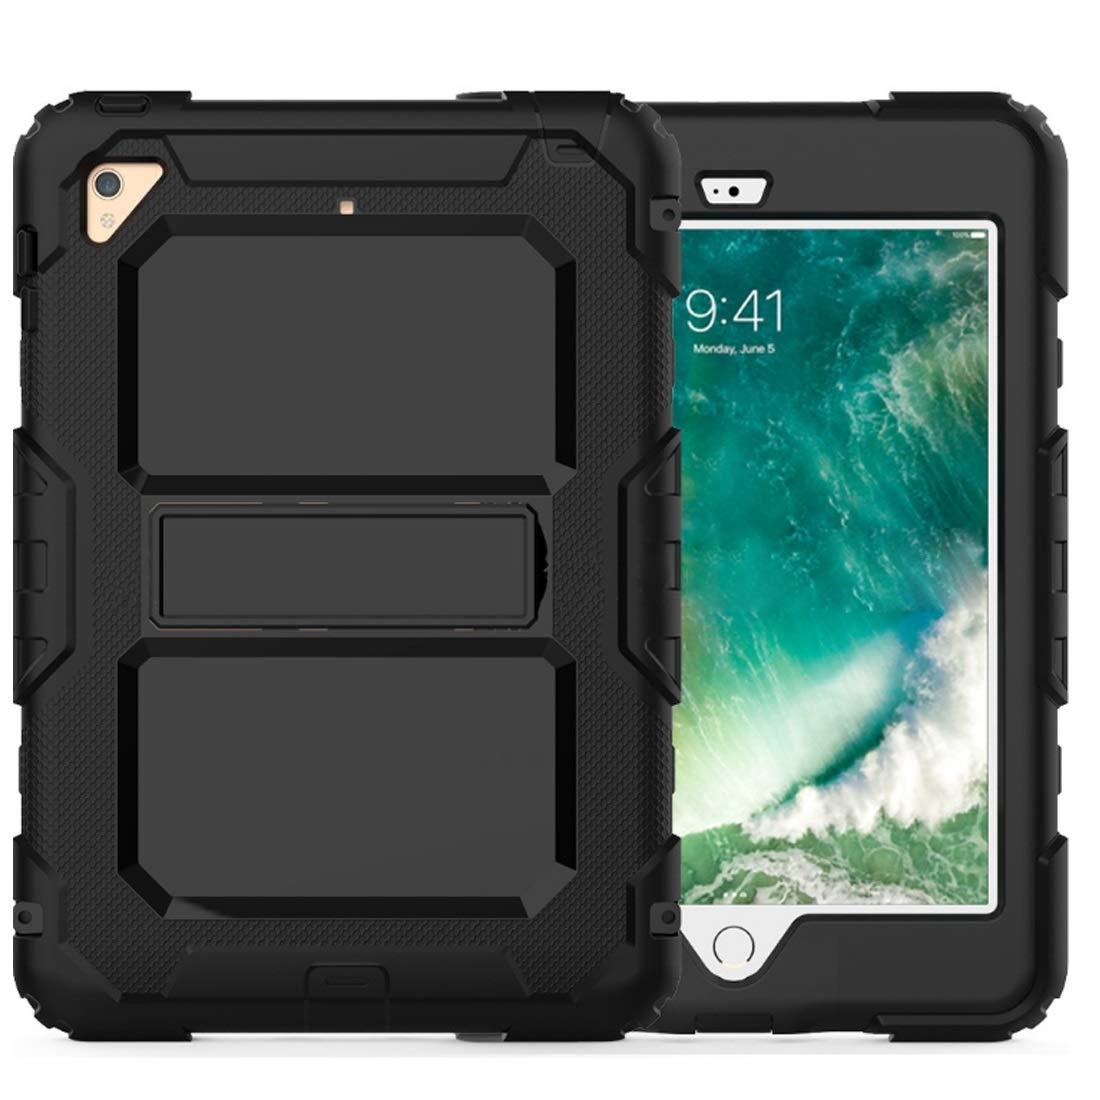 特別セーフ KRPENRIO iPad 9.7ケース 2018 2018/2017/2017 iPad 高耐久 Mini対応 KRPENRIO 高耐久 フルボディ 頑丈 保護ケース スクリーンプロテクター内蔵 (カラー:ブラック サイズ:2018 iPad9.7) B07L88ZJFS, 玖珠郡:842a9029 --- a0267596.xsph.ru